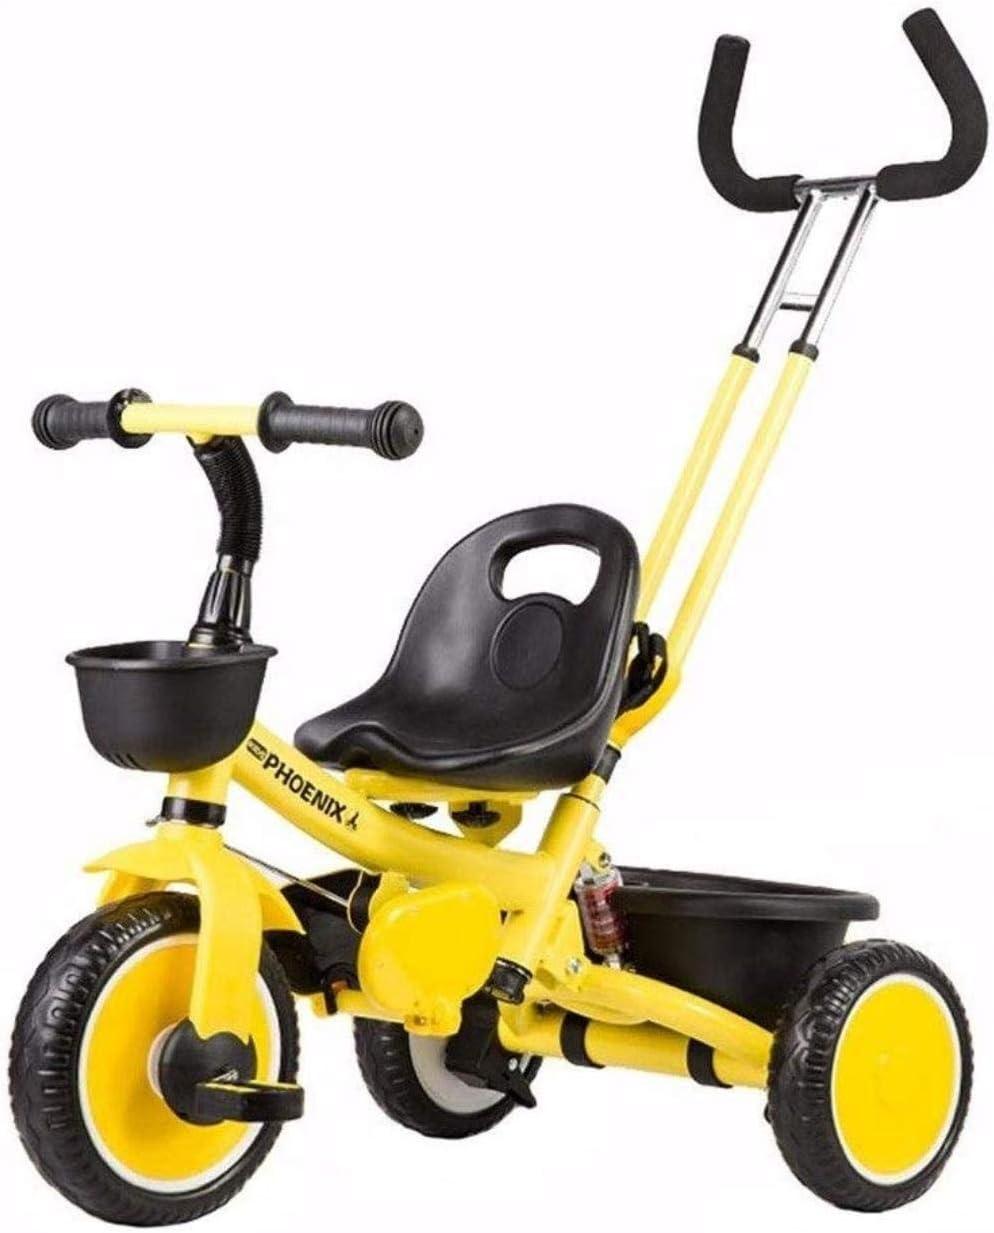 Archivadores Caballo de oscilación Trikes triciclo 2 en 1 triciclo triciclos for niños pequeños bicicletas estribo de empuje de los niños Grow-Head con altura ajustable de empuje paseo en triciclo Art